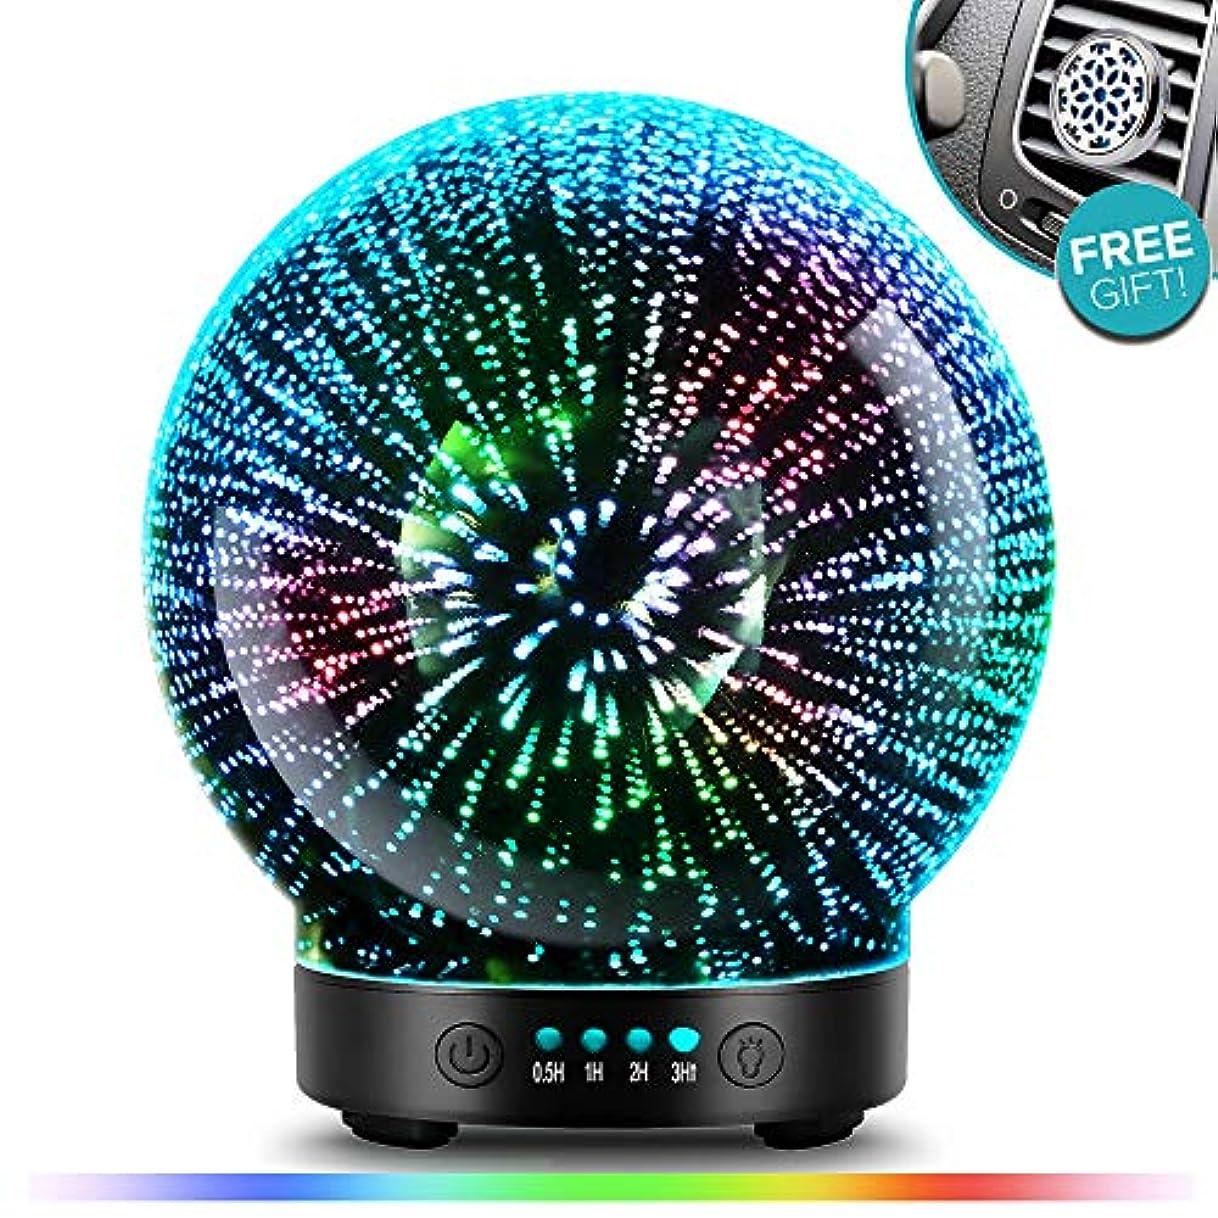 村数学者反抗POBEES 3グラスアロマエッセンシャルオイルディフューザー - 最新バージョン 香り オイル加湿器7 花火 テーマプレミアム超音波ミスト自動オフ安全スイッチカーベントクリップカラー照明モードを主導